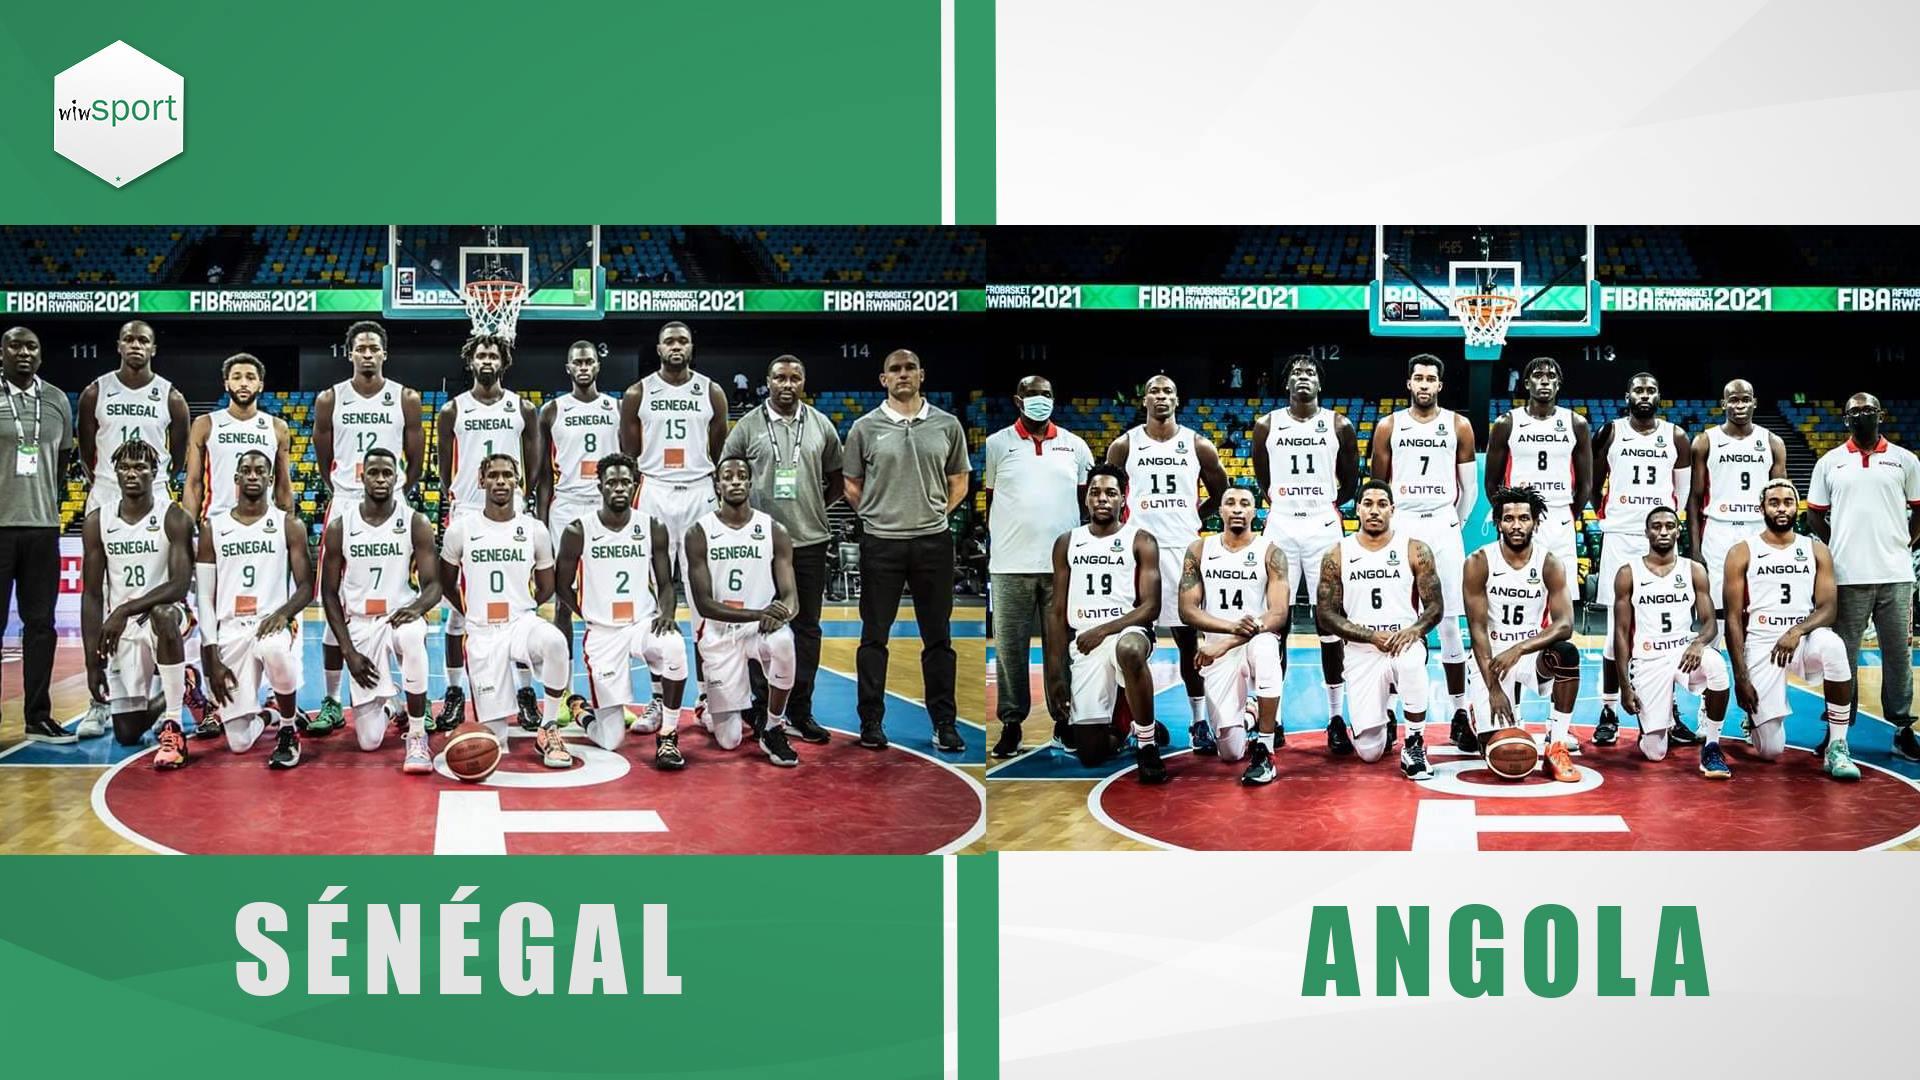 Afrobasket masculin 2021 : L'heure des retrouvailles entre Lions et Palancas Negras, en quart, comme en 2017...